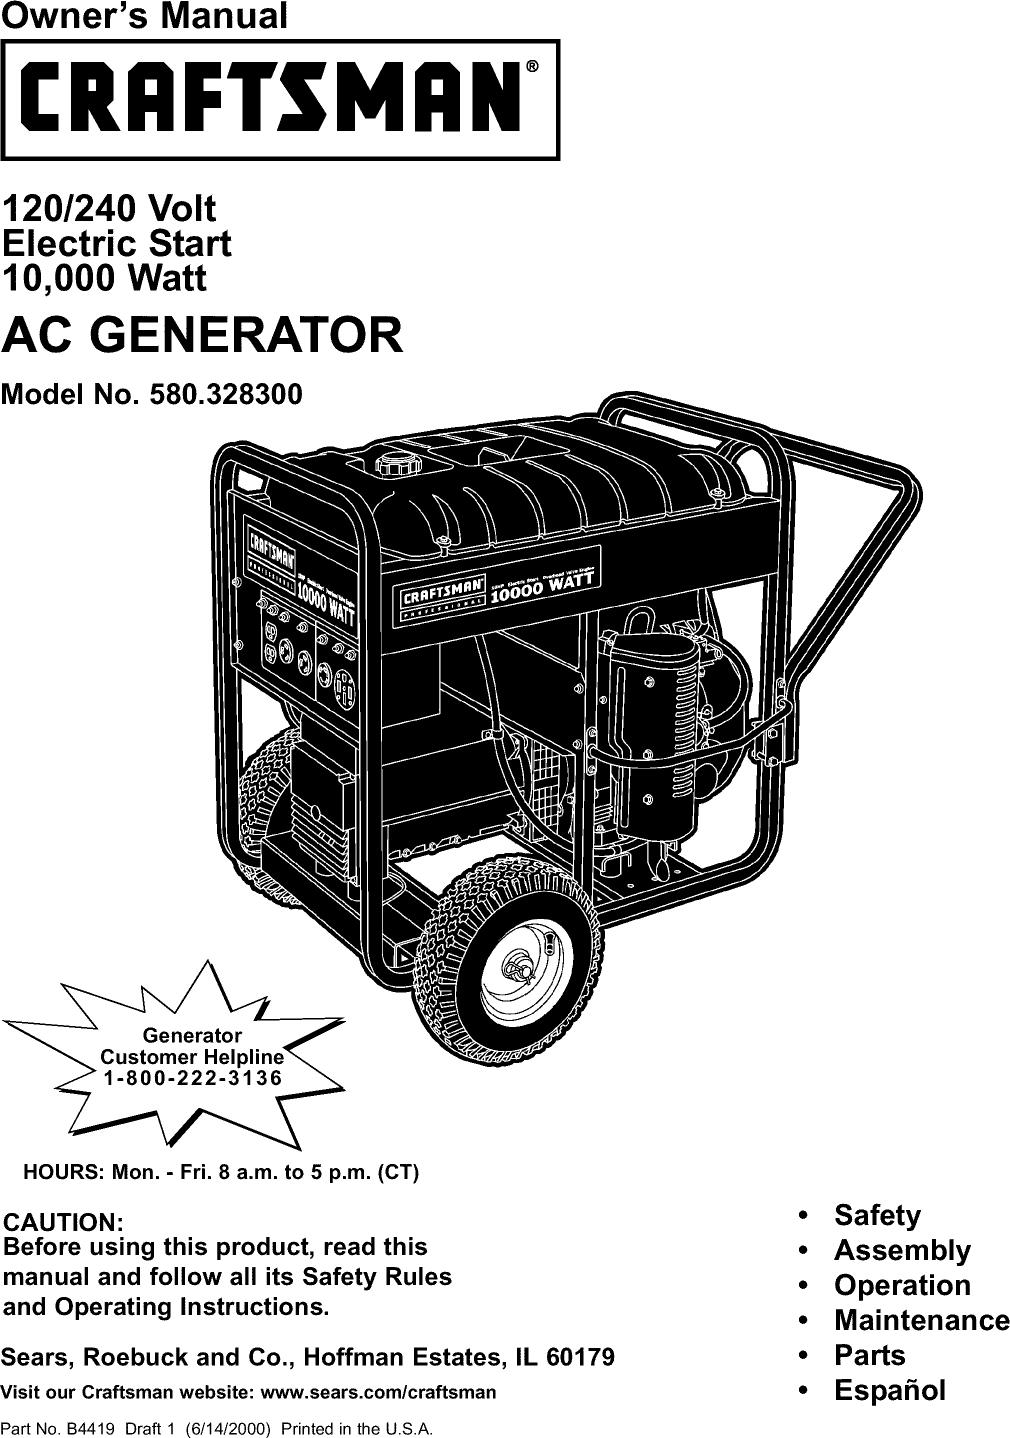 craftsman 580328300 user manual ac generator manuals and